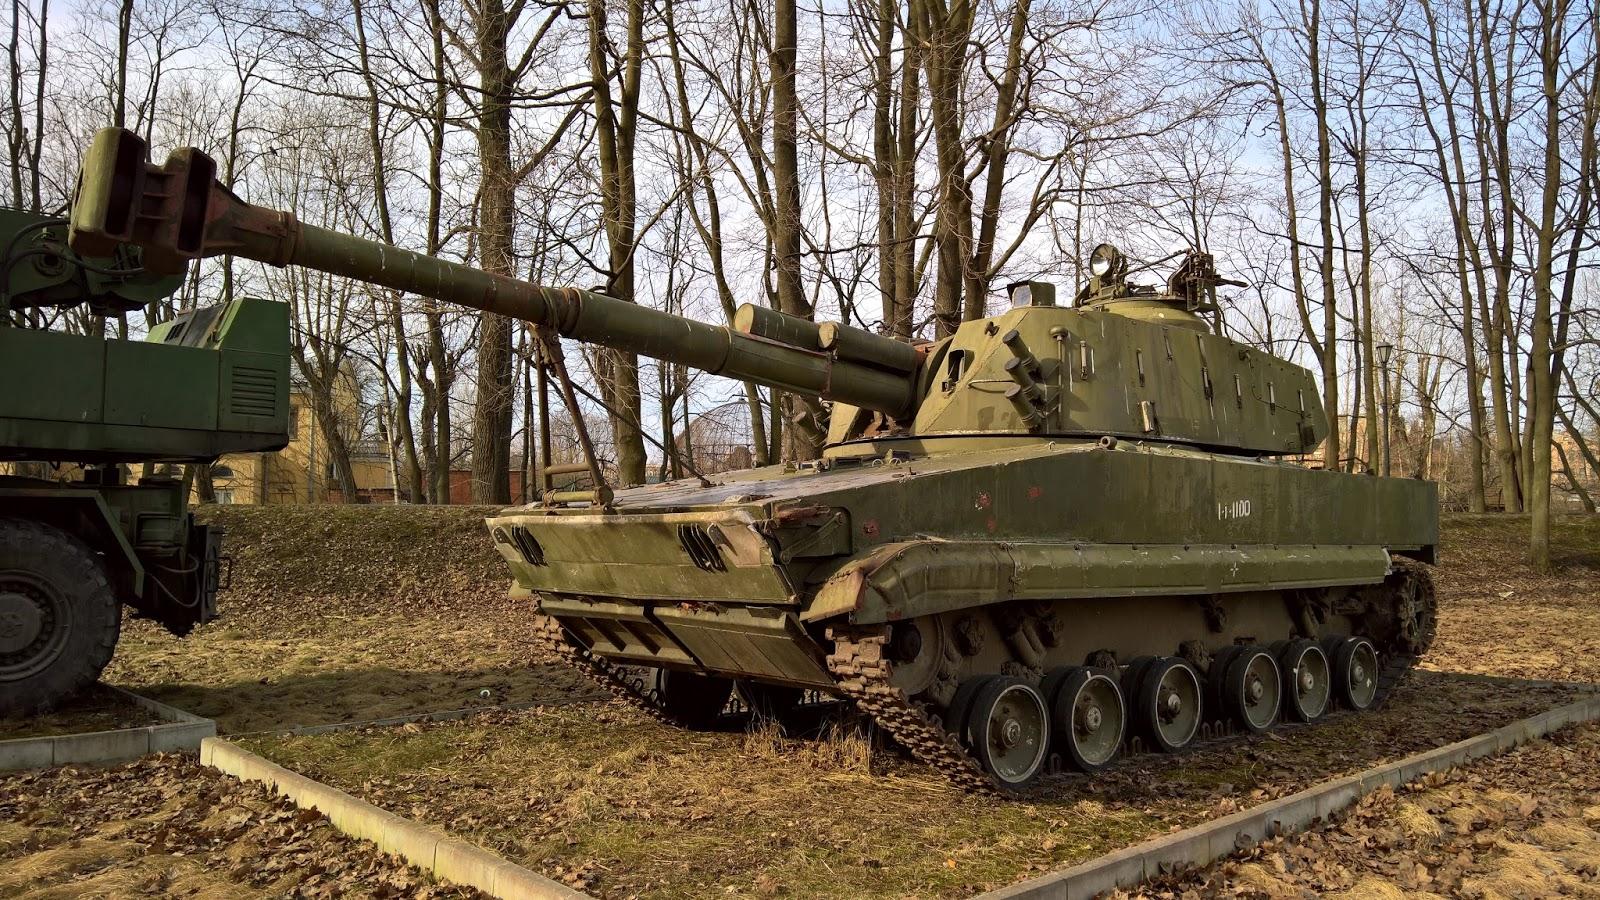 Надувная Армия-2019 и другие сказочные вооружения